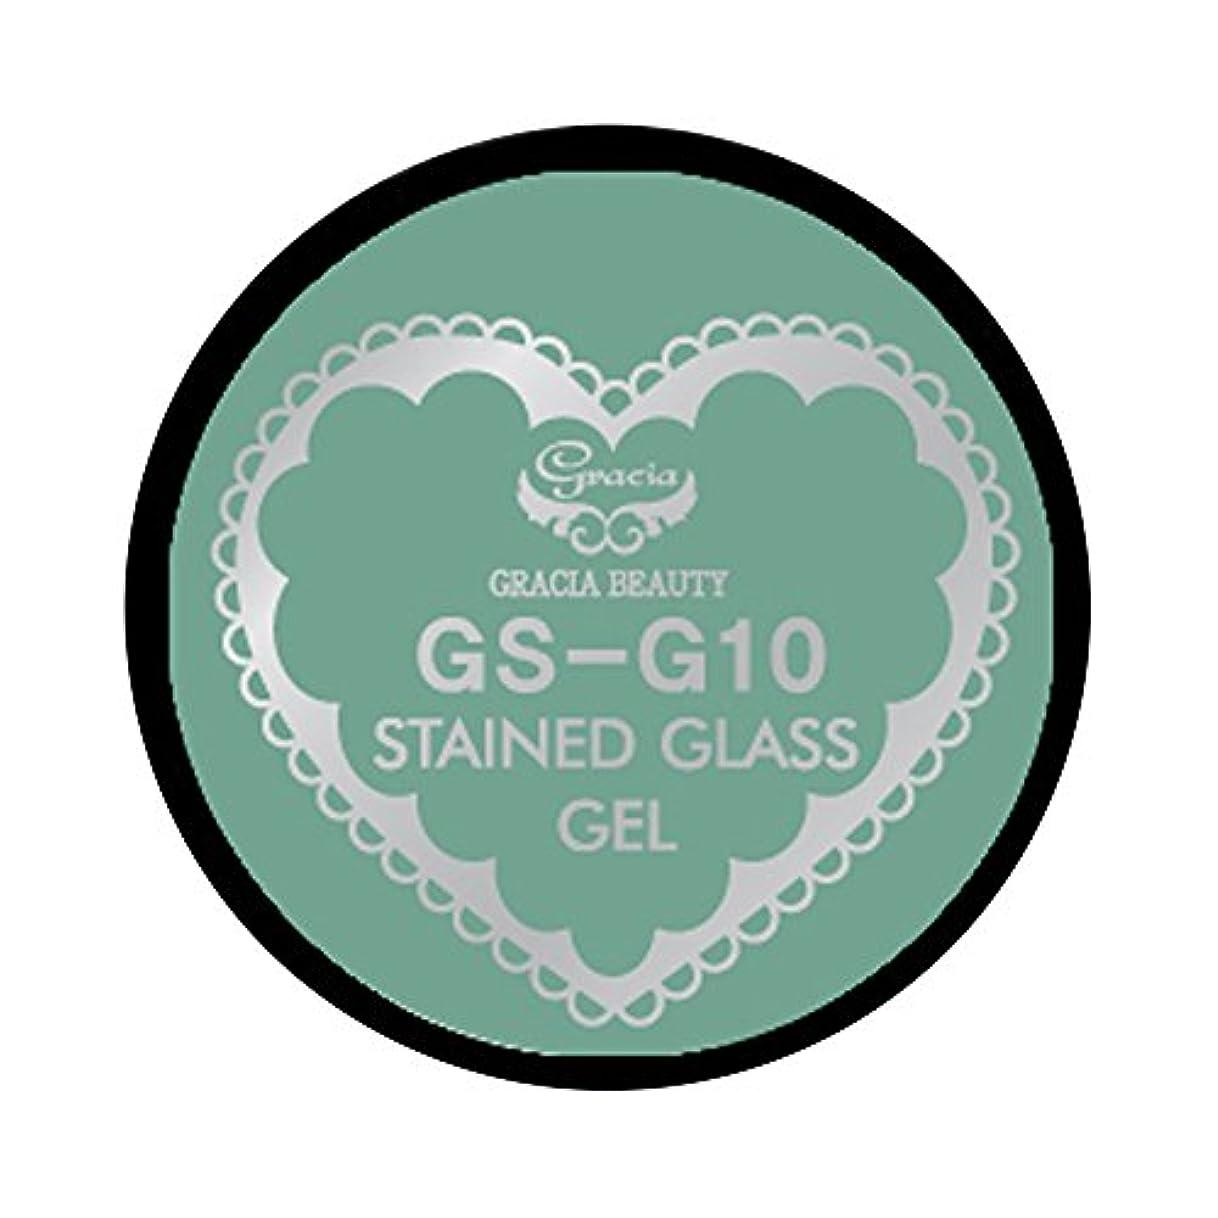 主人マラウイ抑制するグラシア ジェルネイル ステンドグラスジェル GSM-G10 3g  グリッター UV/LED対応 カラージェル ソークオフジェル ガラスのような透明感